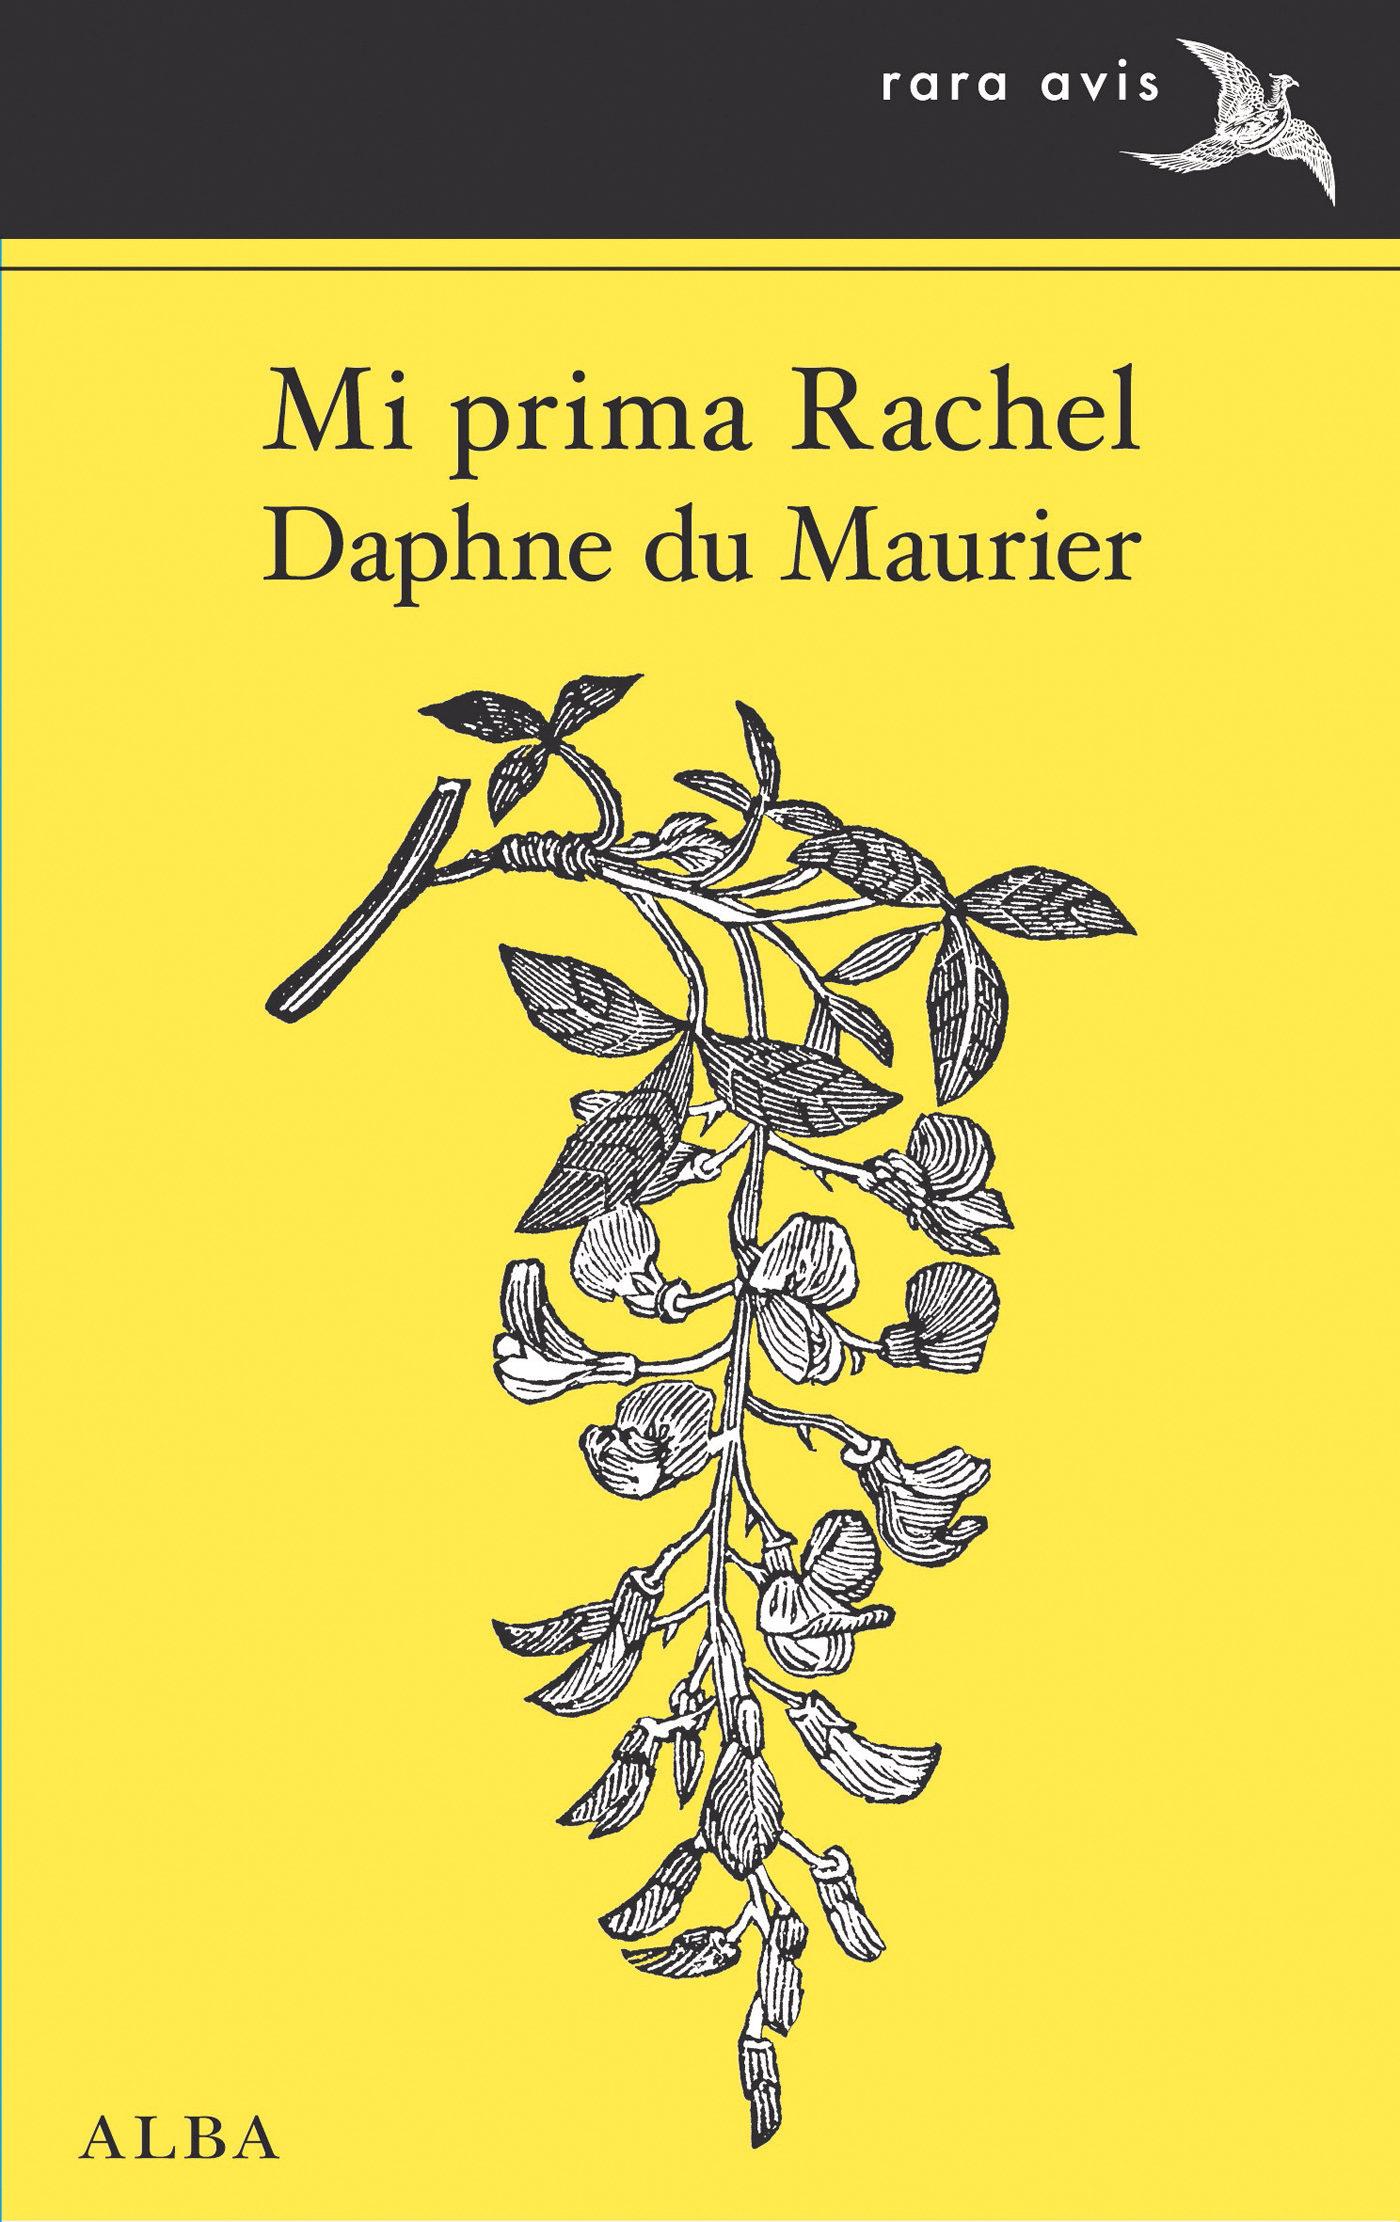 Mi prima Rachel De Daphne du Maurier [ZS]